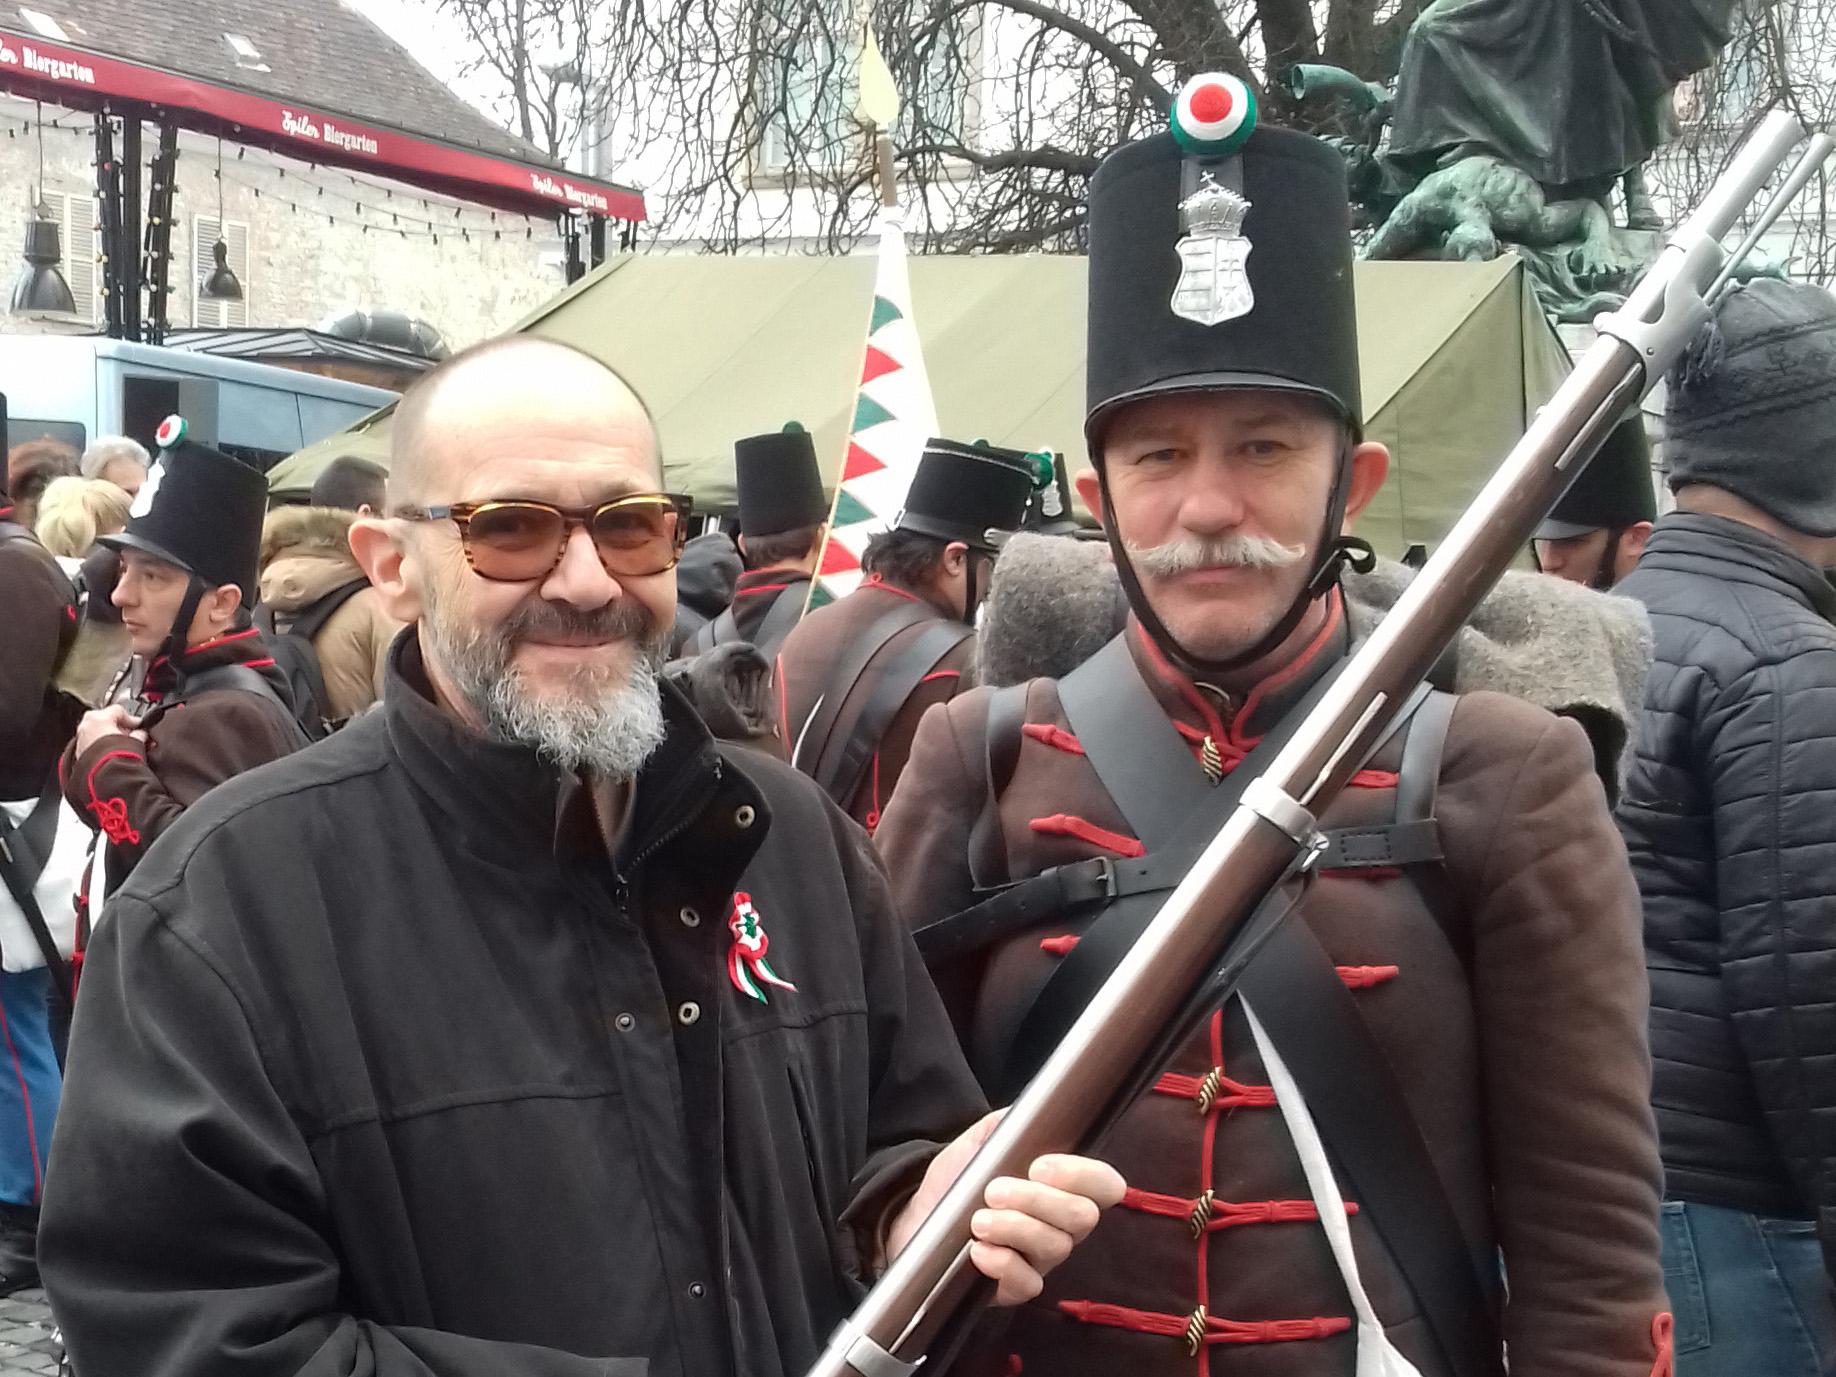 à la commémoration de la guerre d'indépendance de la Hongrie en 1848